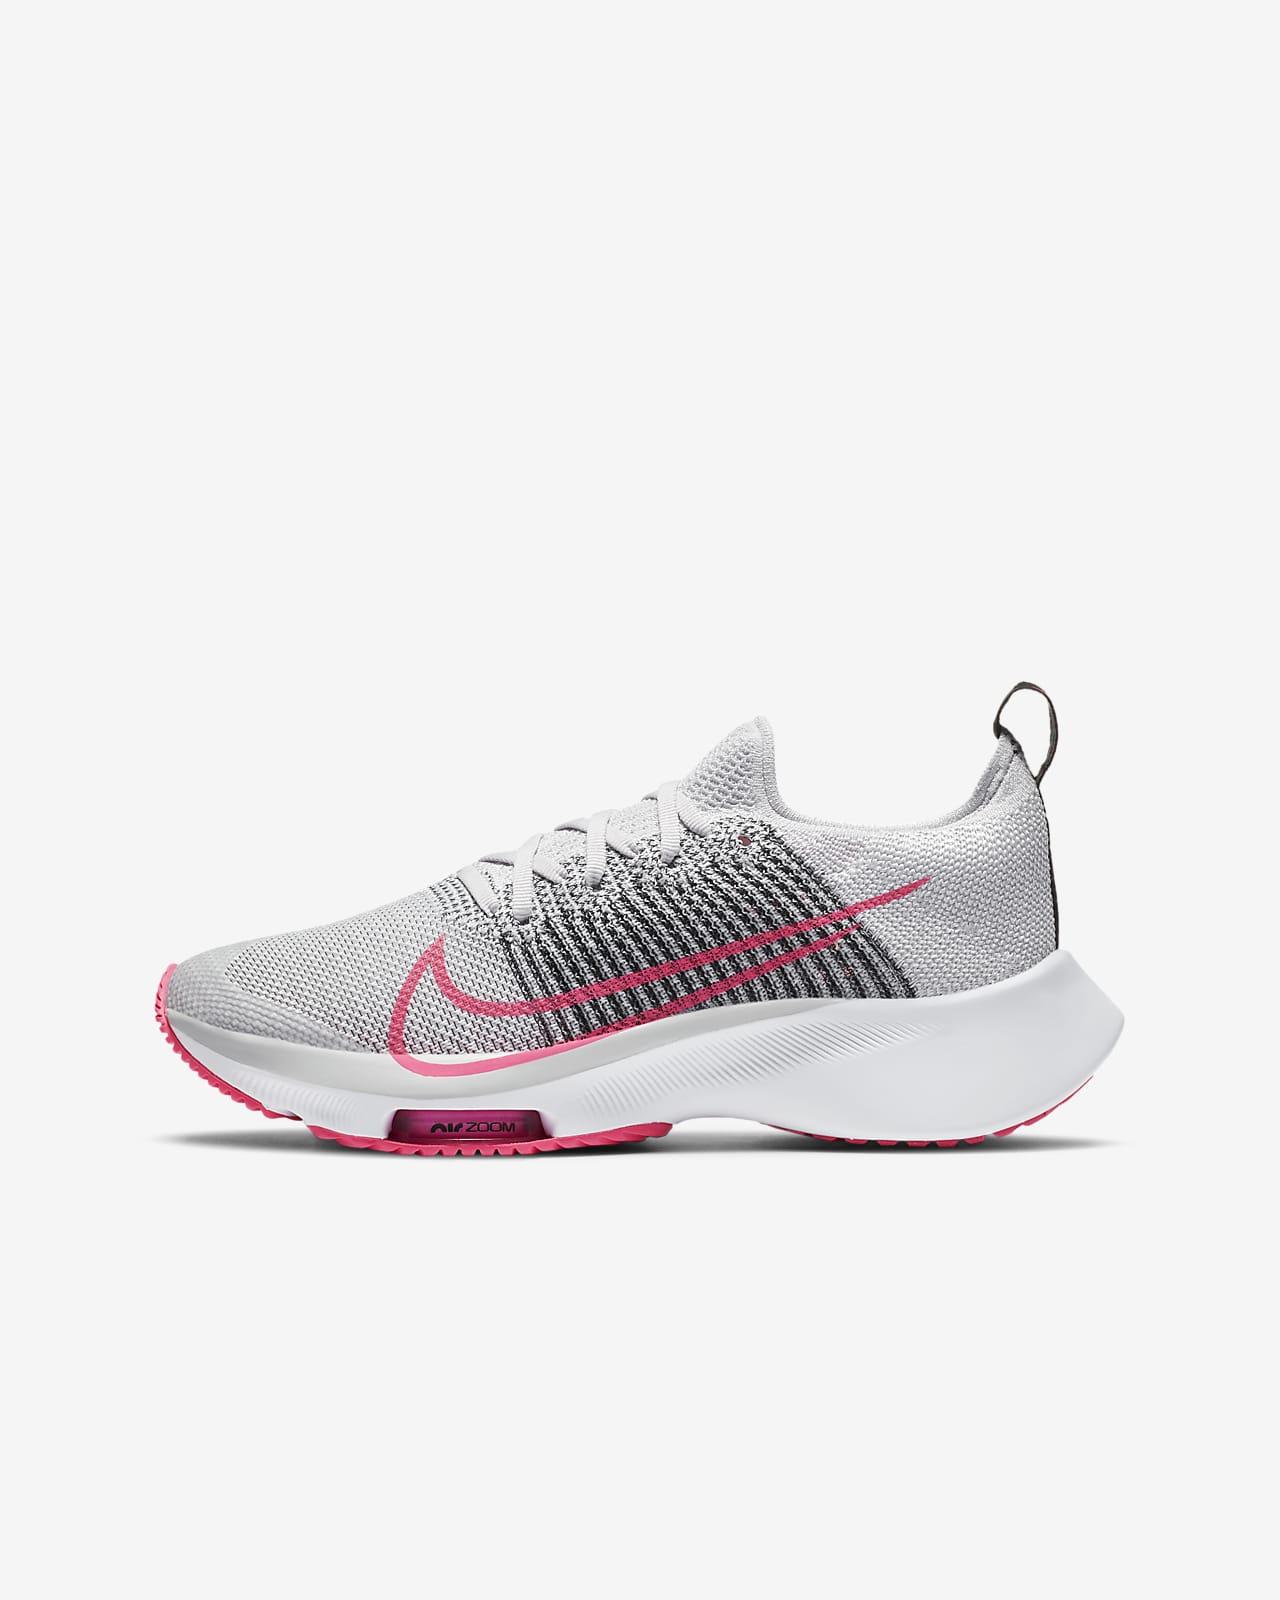 Nike Air Zoom Tempo FK-løbesko til store børn